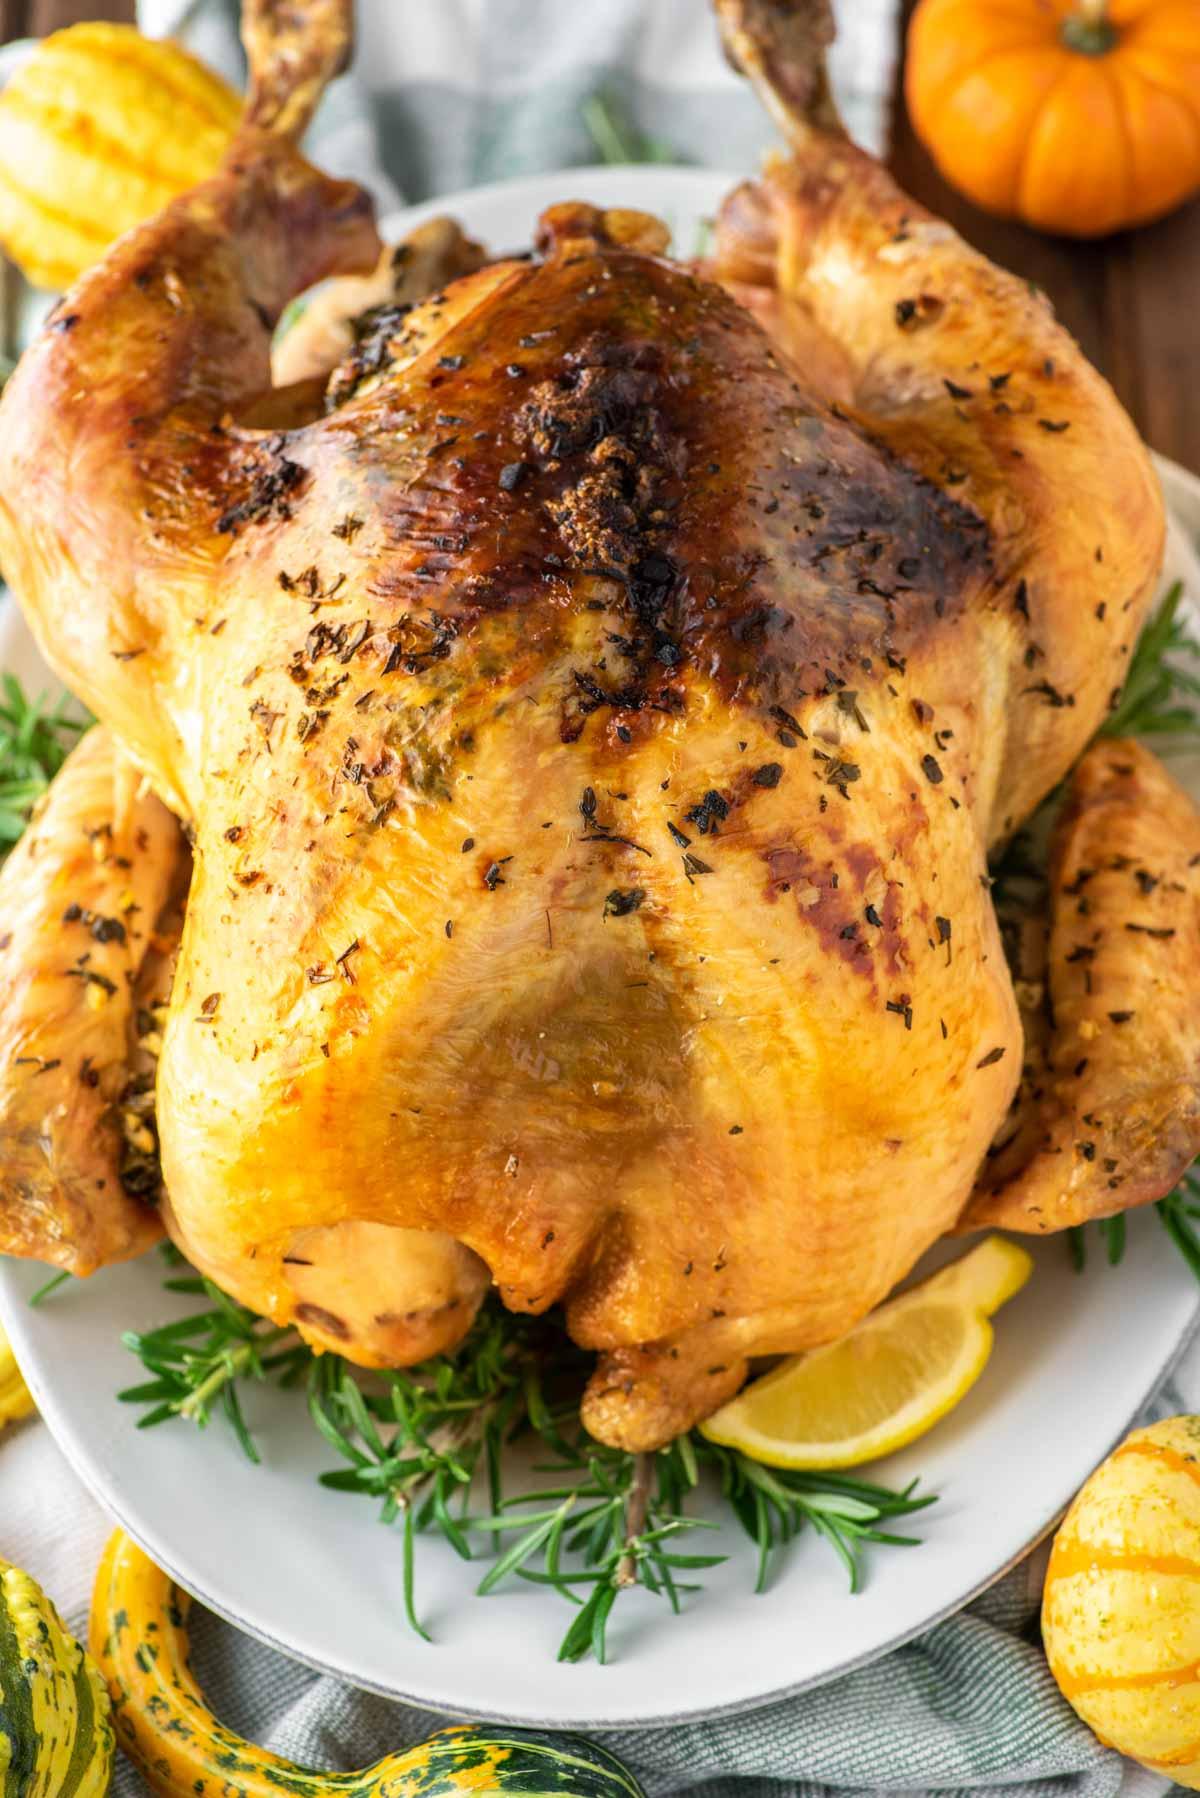 herb roasted turkey on plate